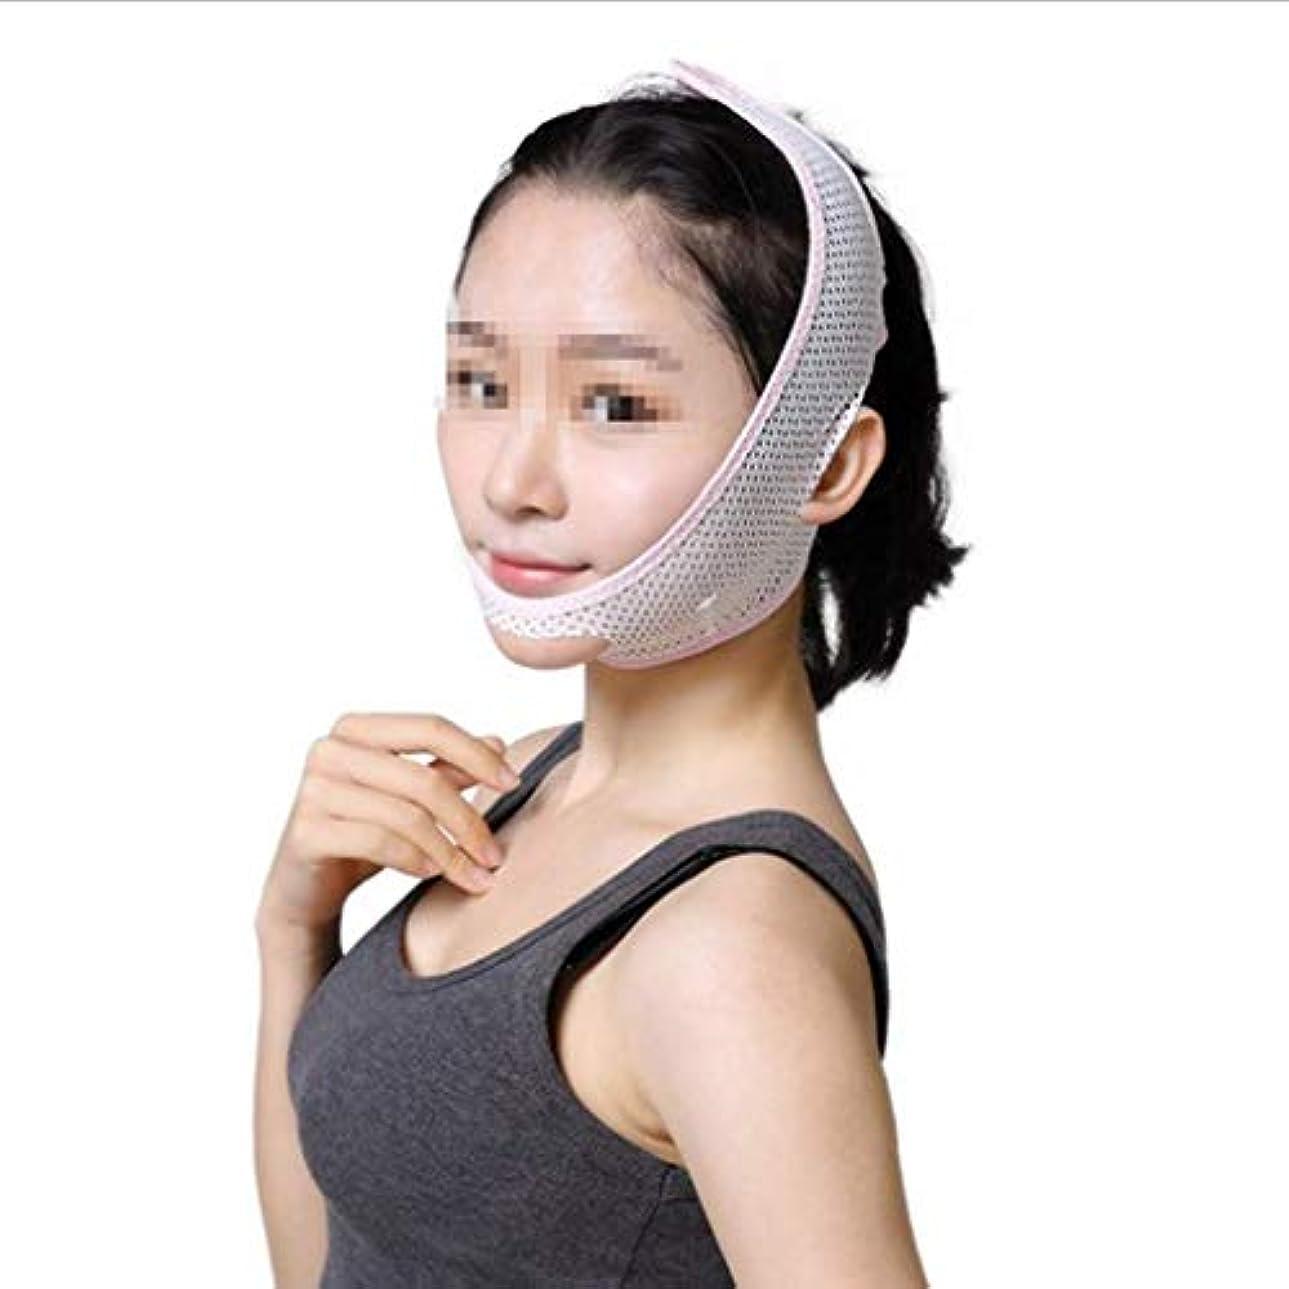 妥協厚い朝ごはん超薄型通気性フェイスマスク、包帯Vフェイスマスクフェイスリフティングファーミングダブルチンシンフェイスベルト(サイズ:M)